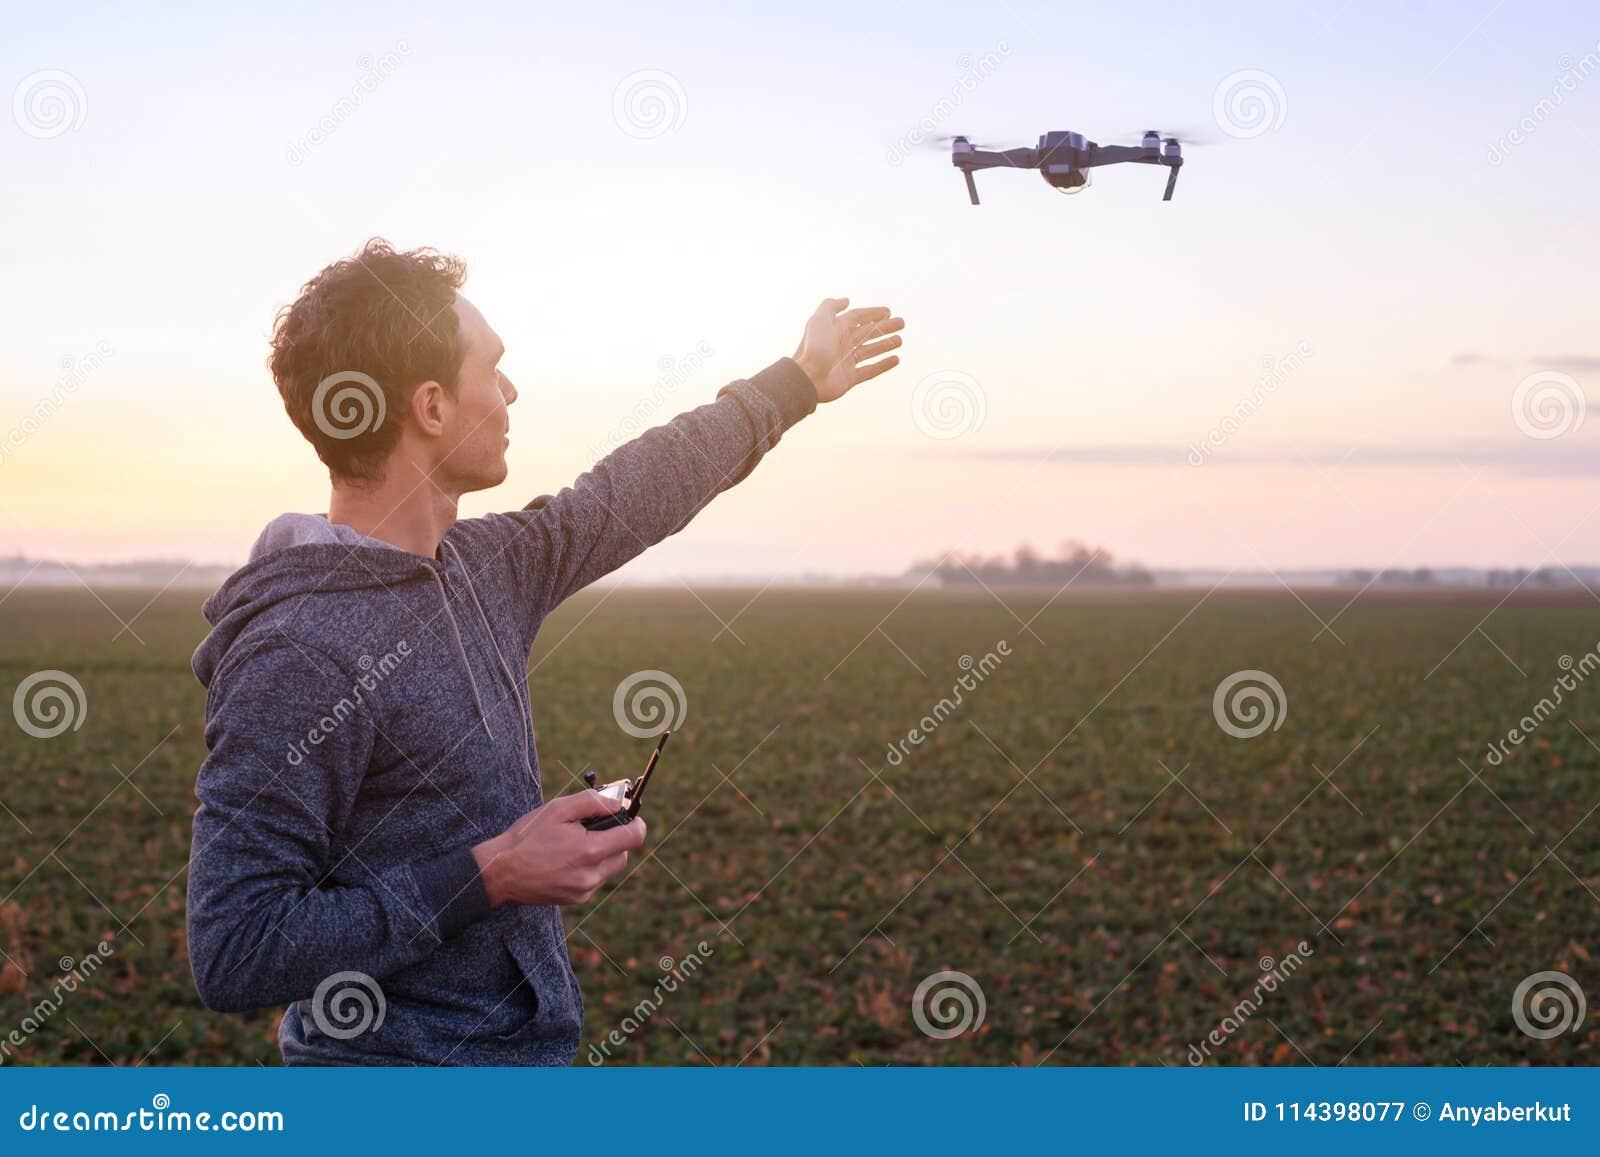 Steuerndes Drohne des Mannes